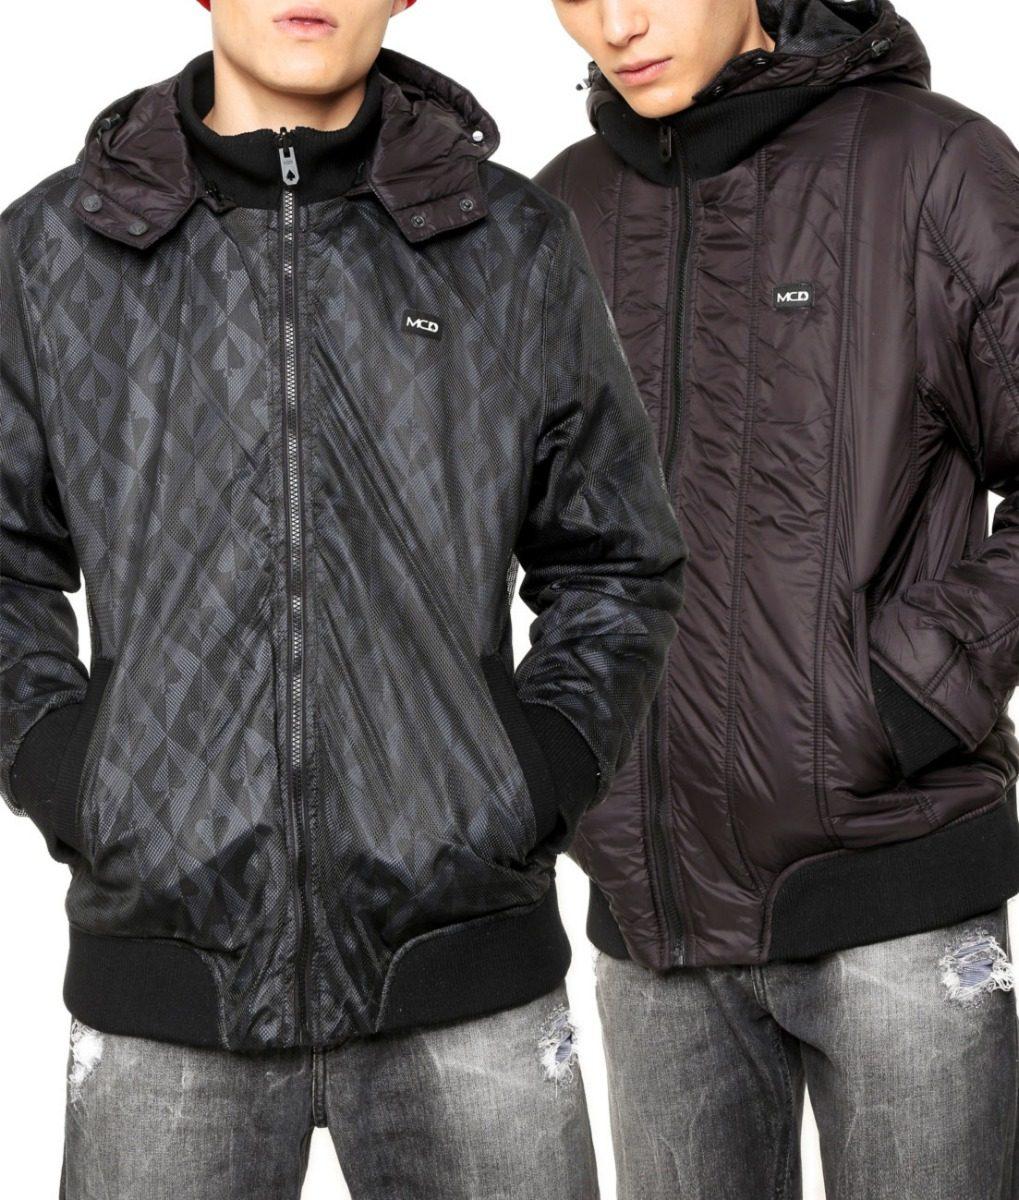 jaqueta mcd dupla face custom preto - original + frete. Carregando zoom. 6913ef06702